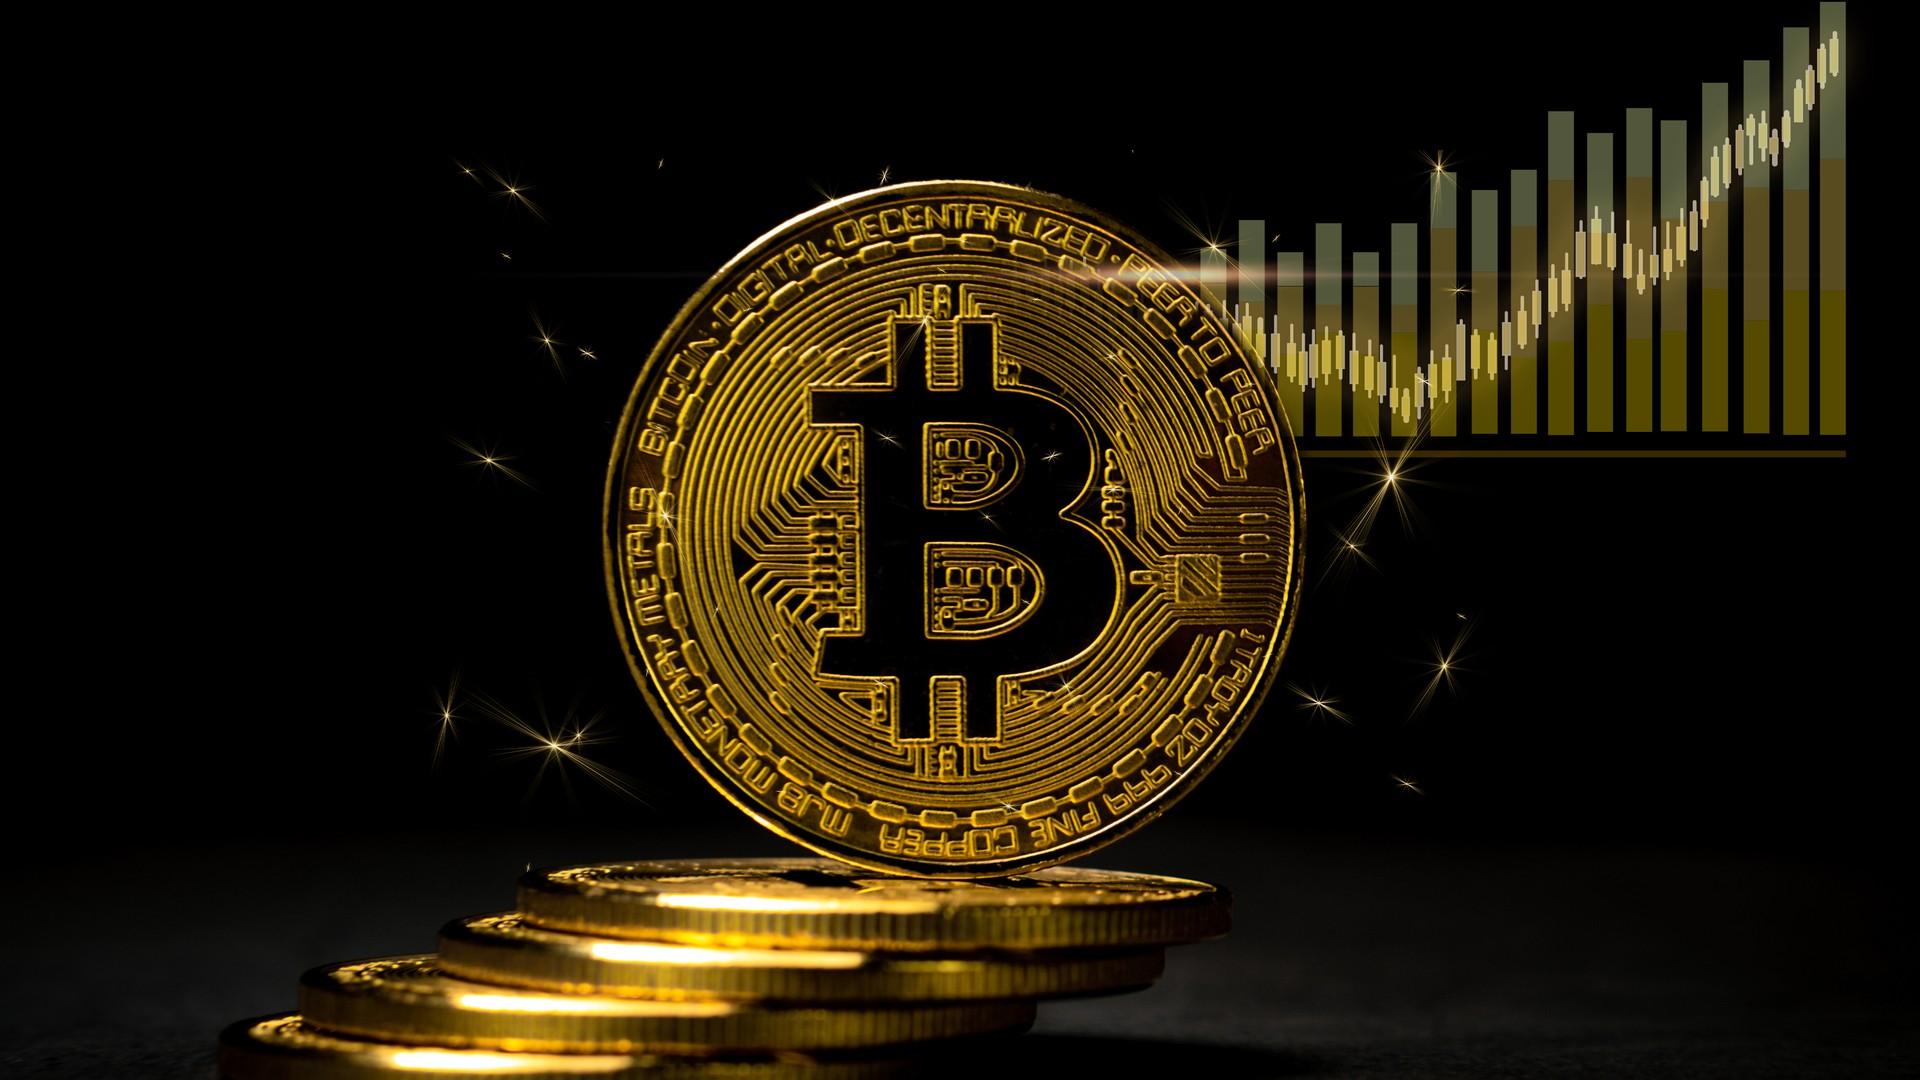 0,01 BTC pour faire fortune - C'est le pari très optimiste que fait cet analyste - CryptoActu